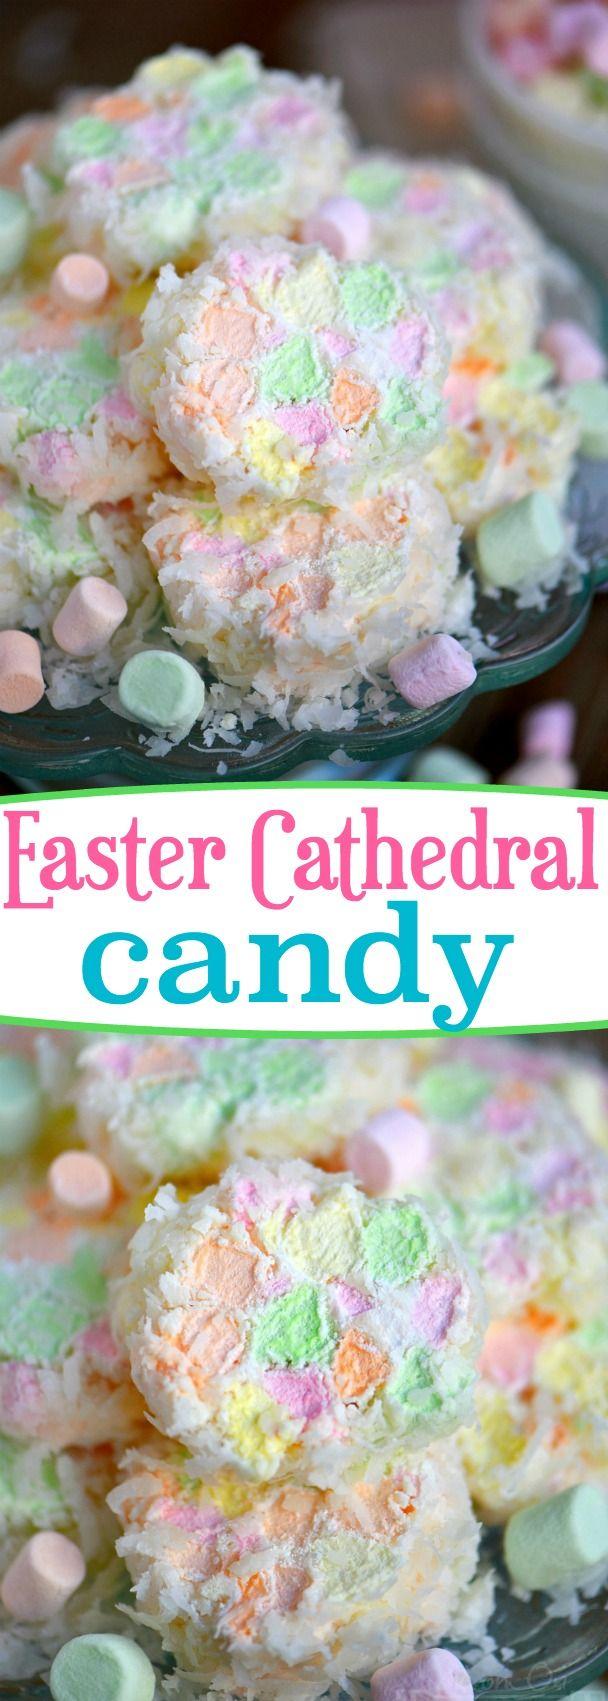 Esta receta de Pascua Catedral de Pascua requiere sólo tres ingredientes y es tan bonito!  ¡Grande para Pascua, fiestas de bienvenida al bebé, y otros partidos!  A los niños les encanta ayudar con esta receta fácil!  // Mom On Timeout